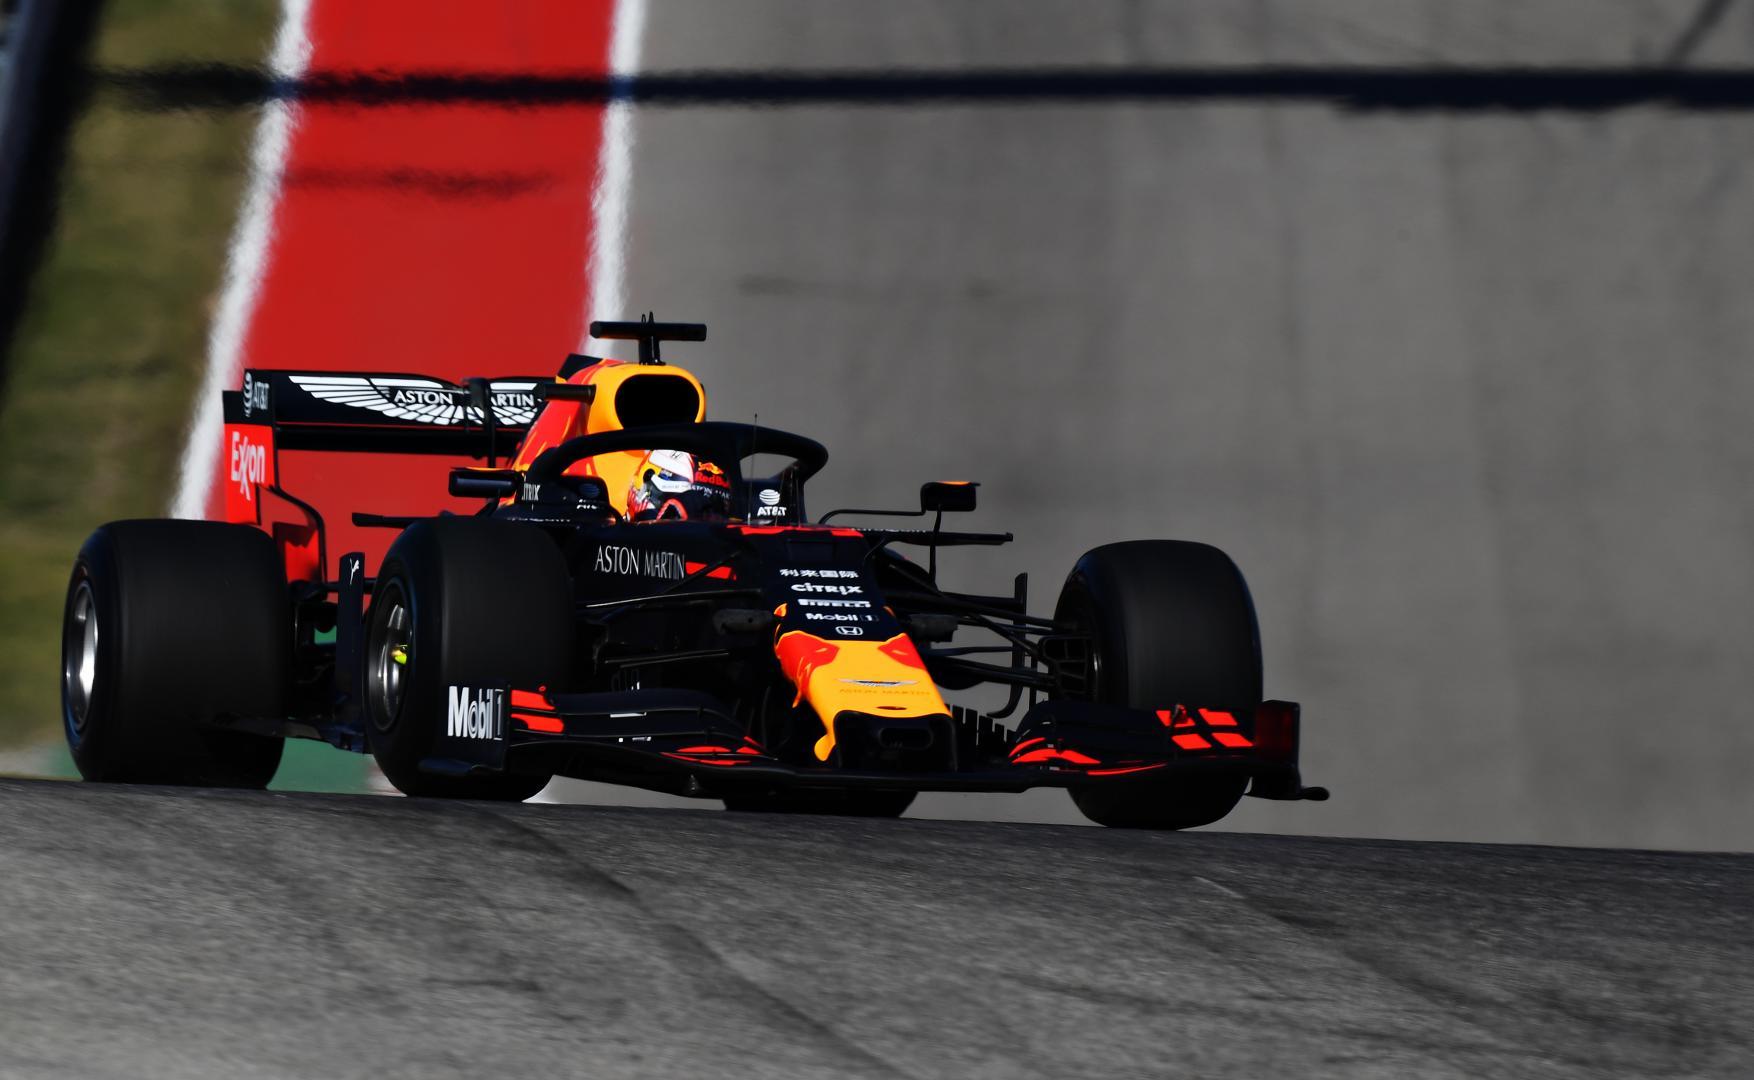 Max Verstappen T1 GP van amerika 2019